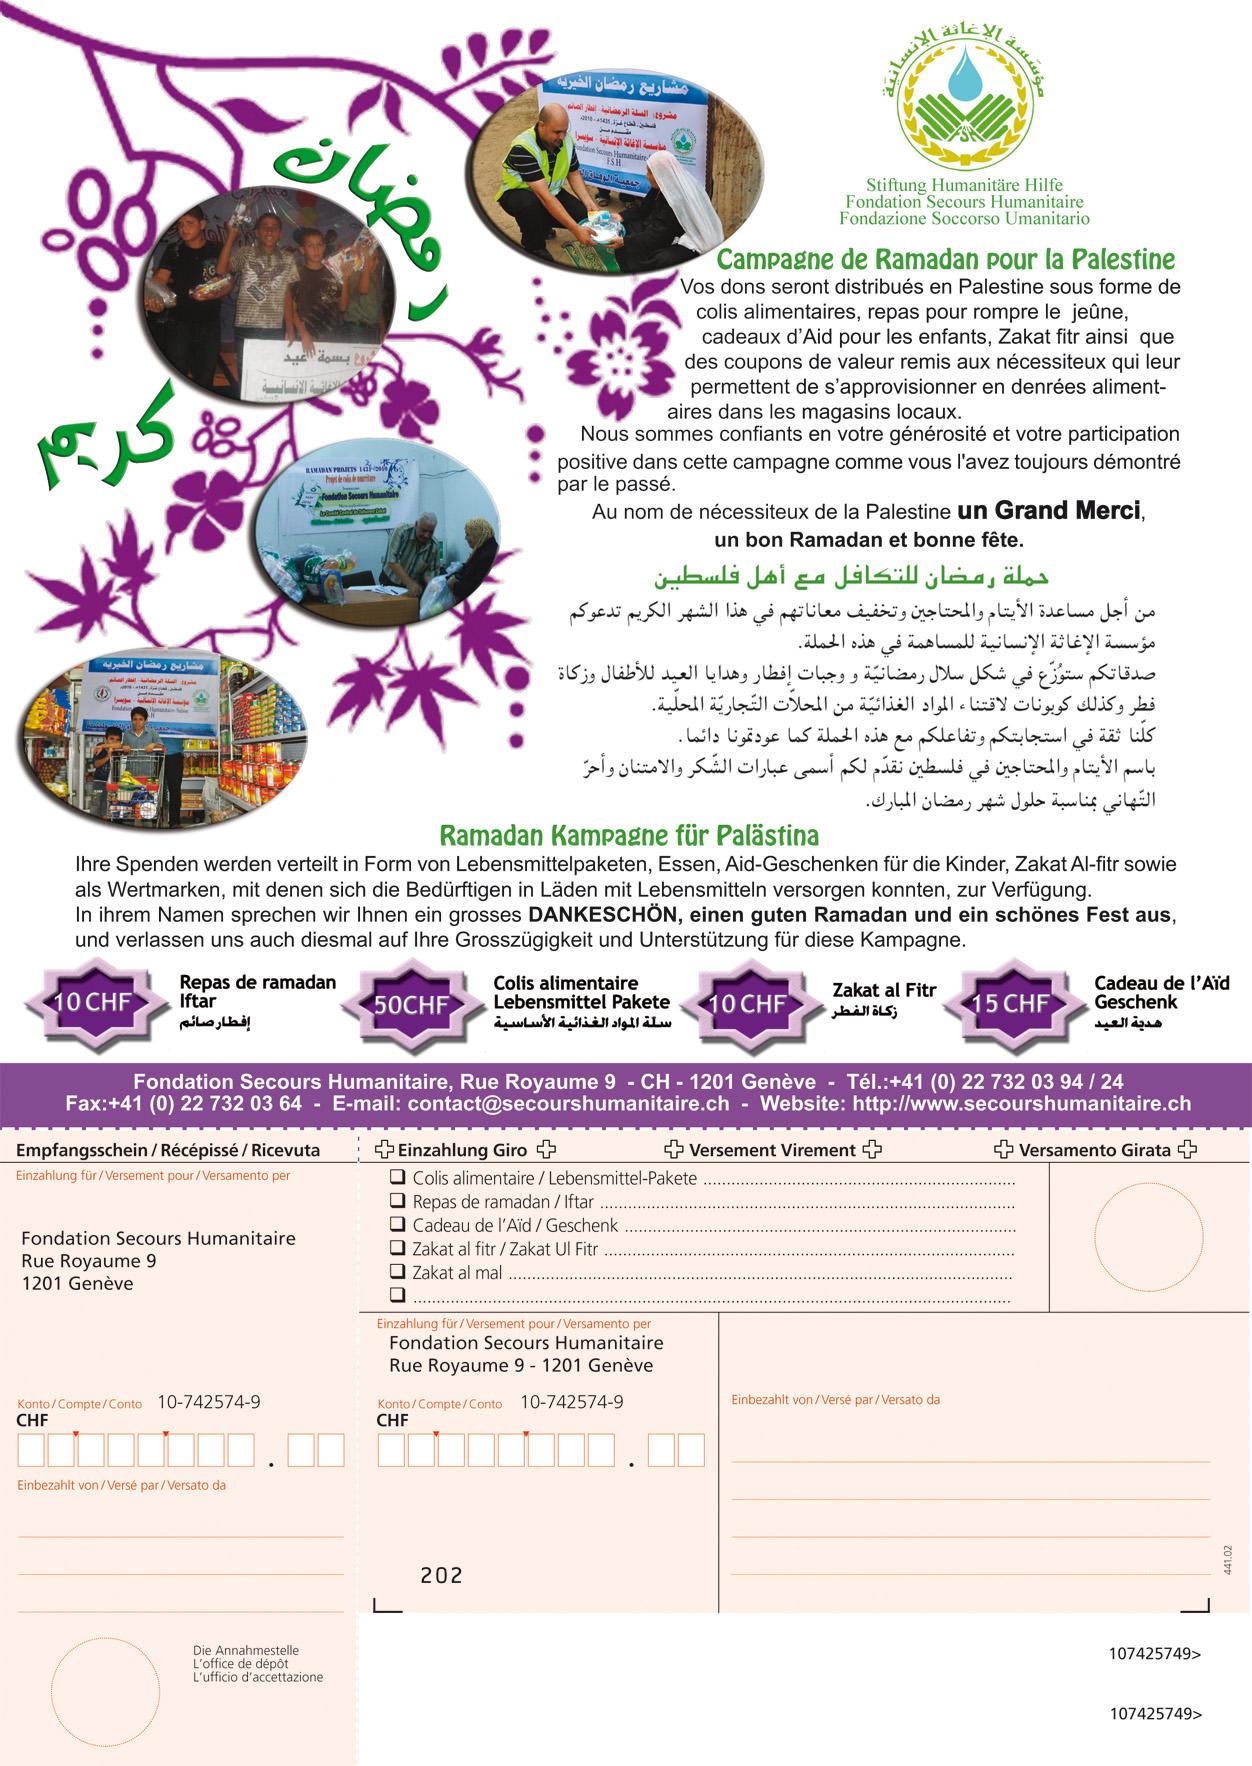 Campagne Ramadan 2011